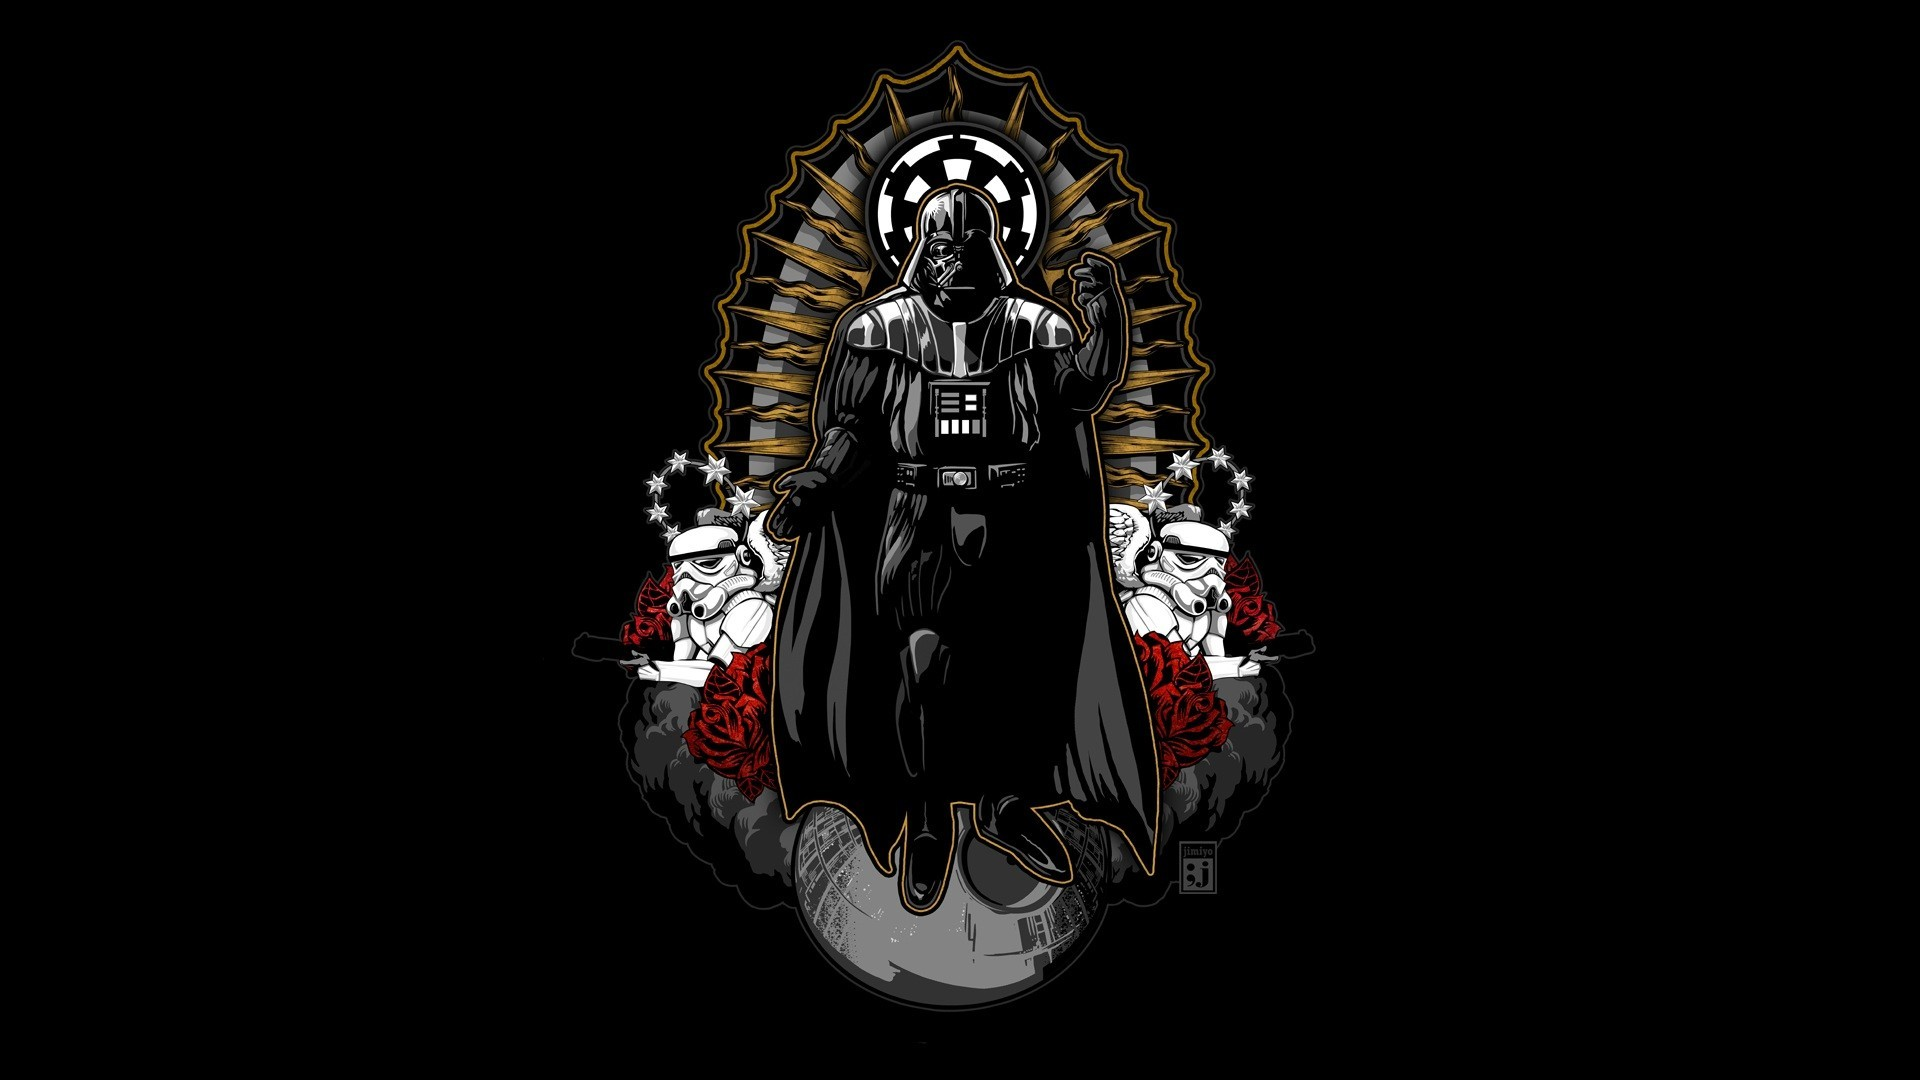 Sci Fi – Star Wars Darth Vader Stormtrooper Wallpaper